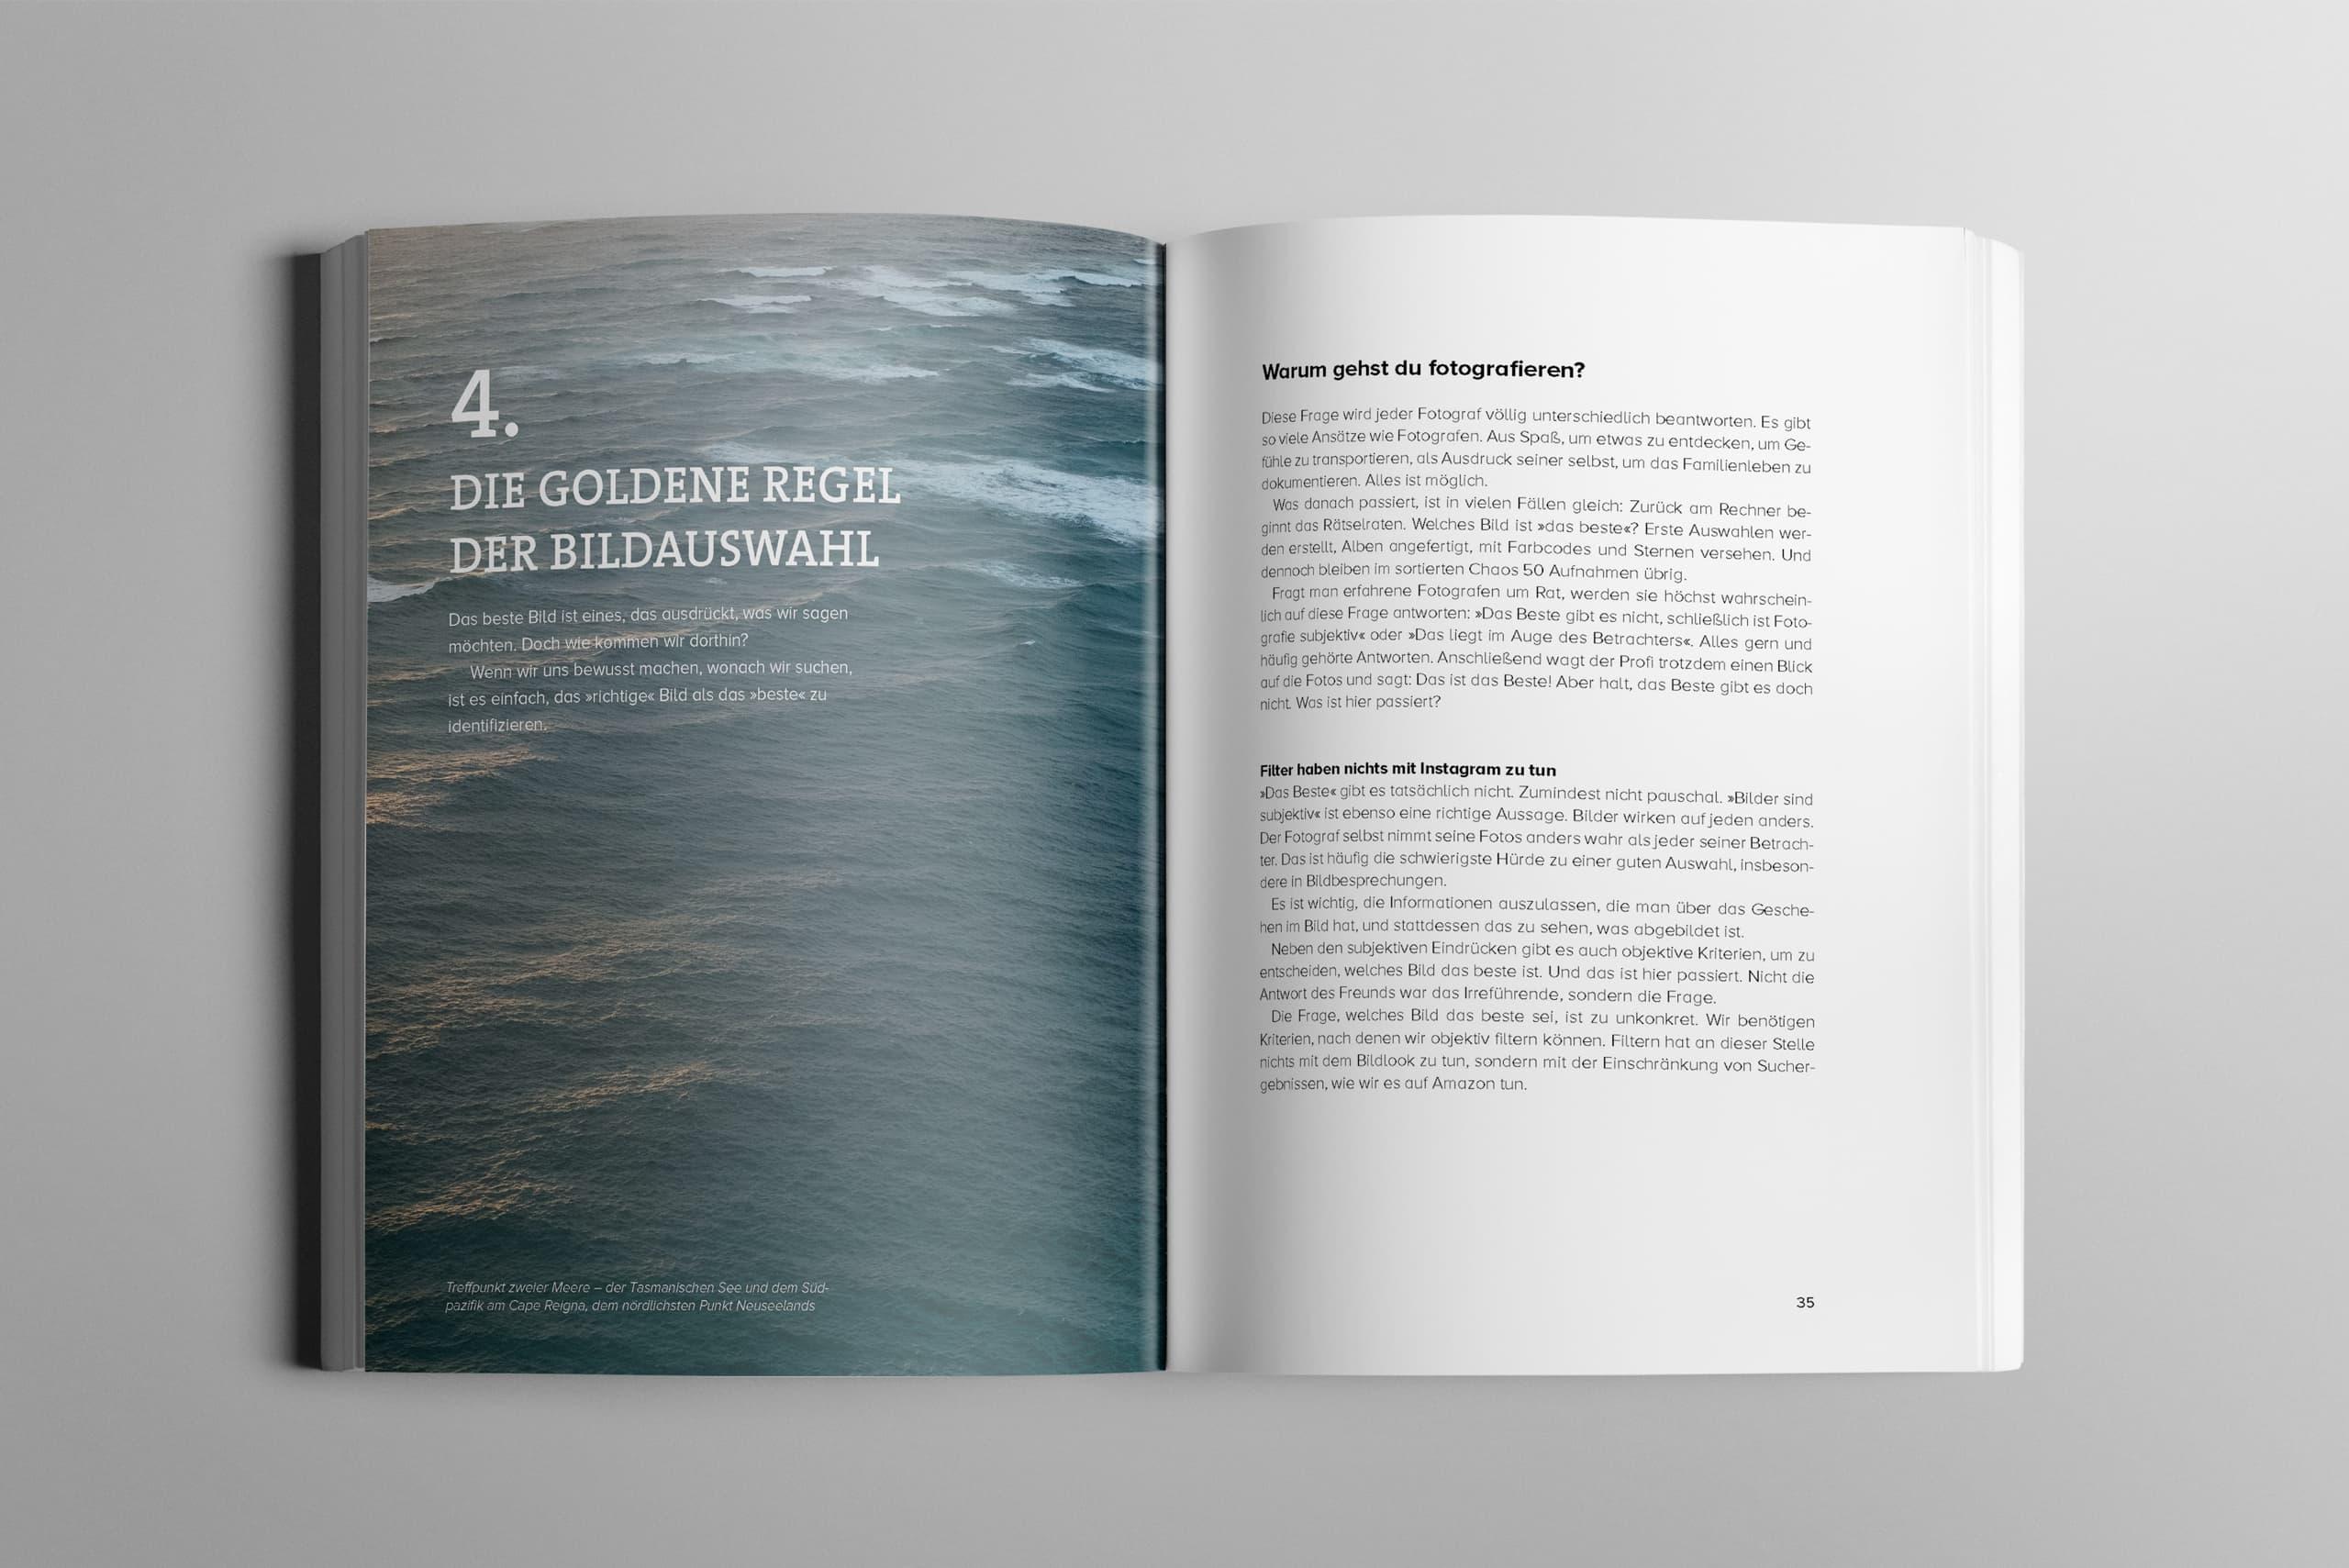 Illustration-Doppelseite-Buch-shschroeder